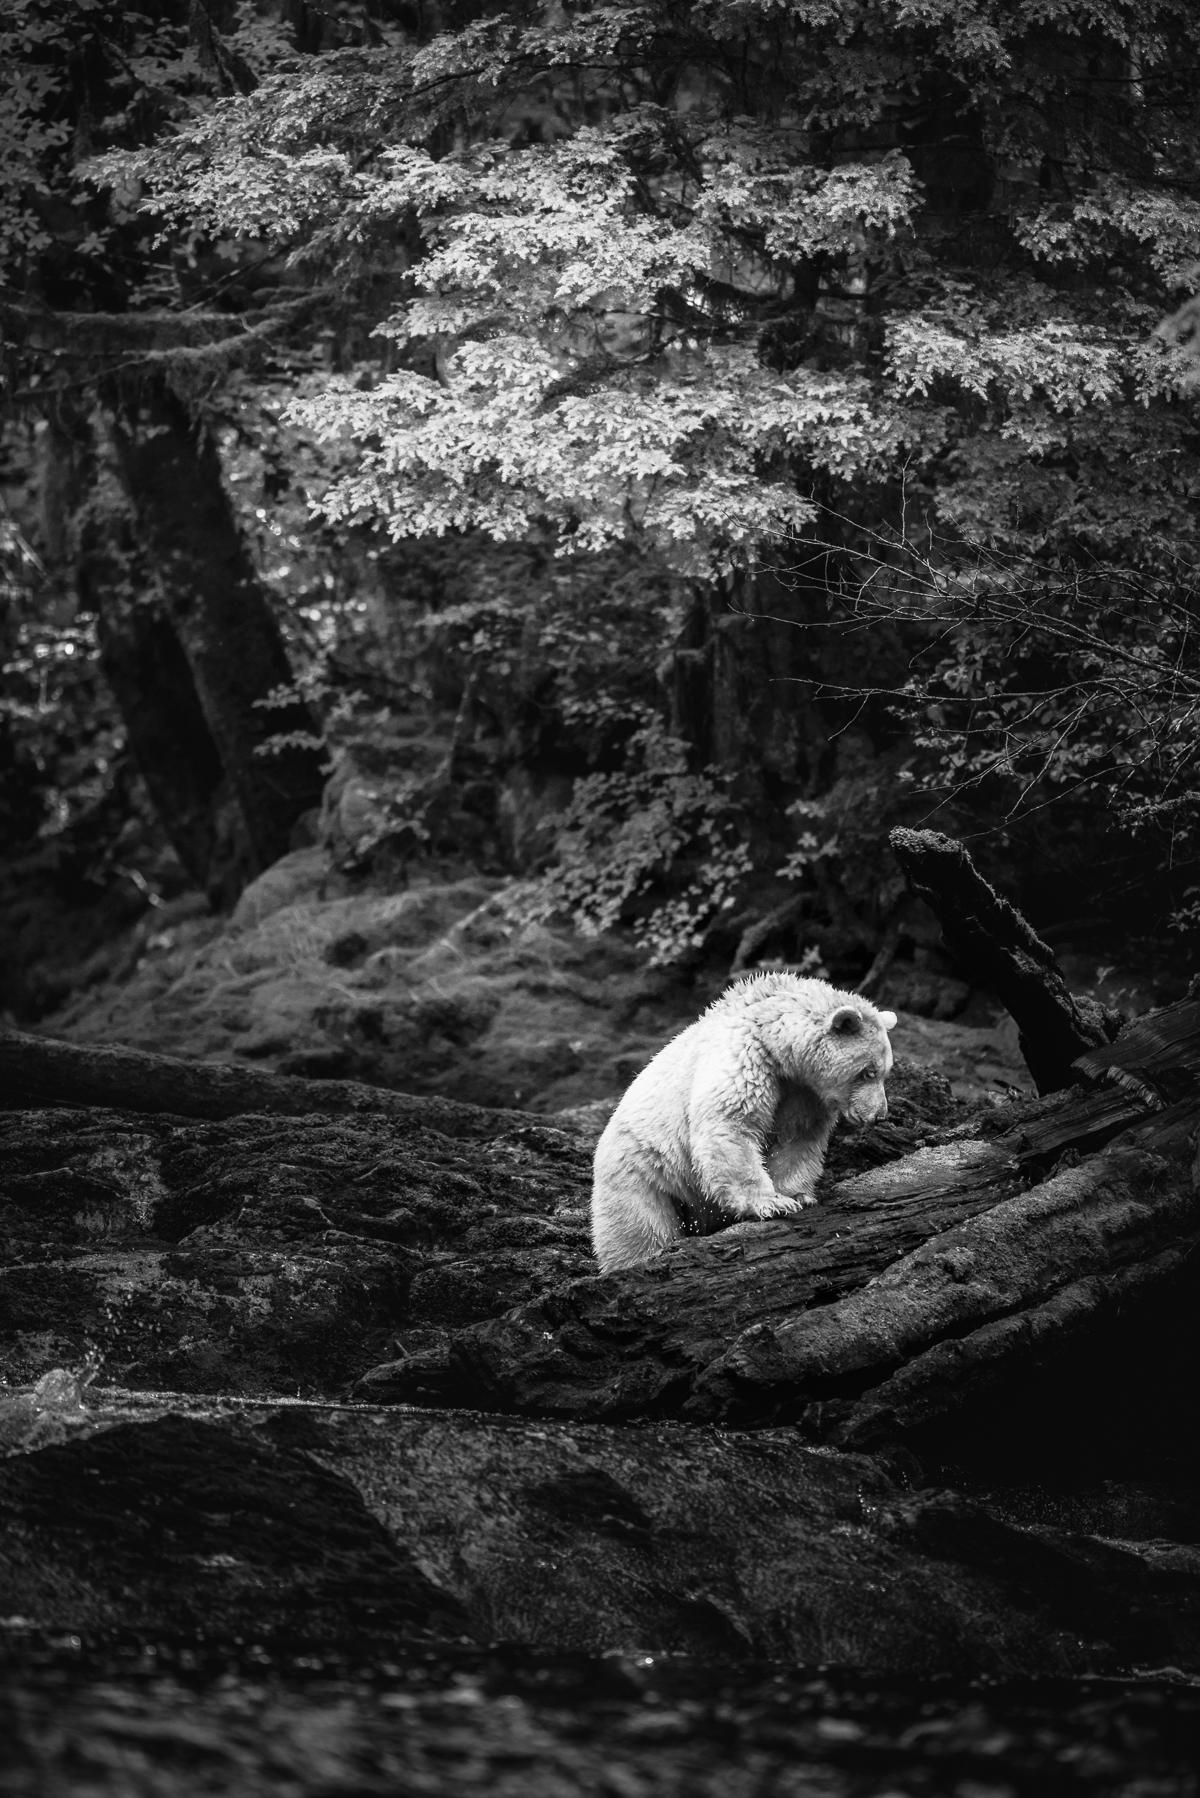 20150920-duChemin-GreatBearRainforest-3779